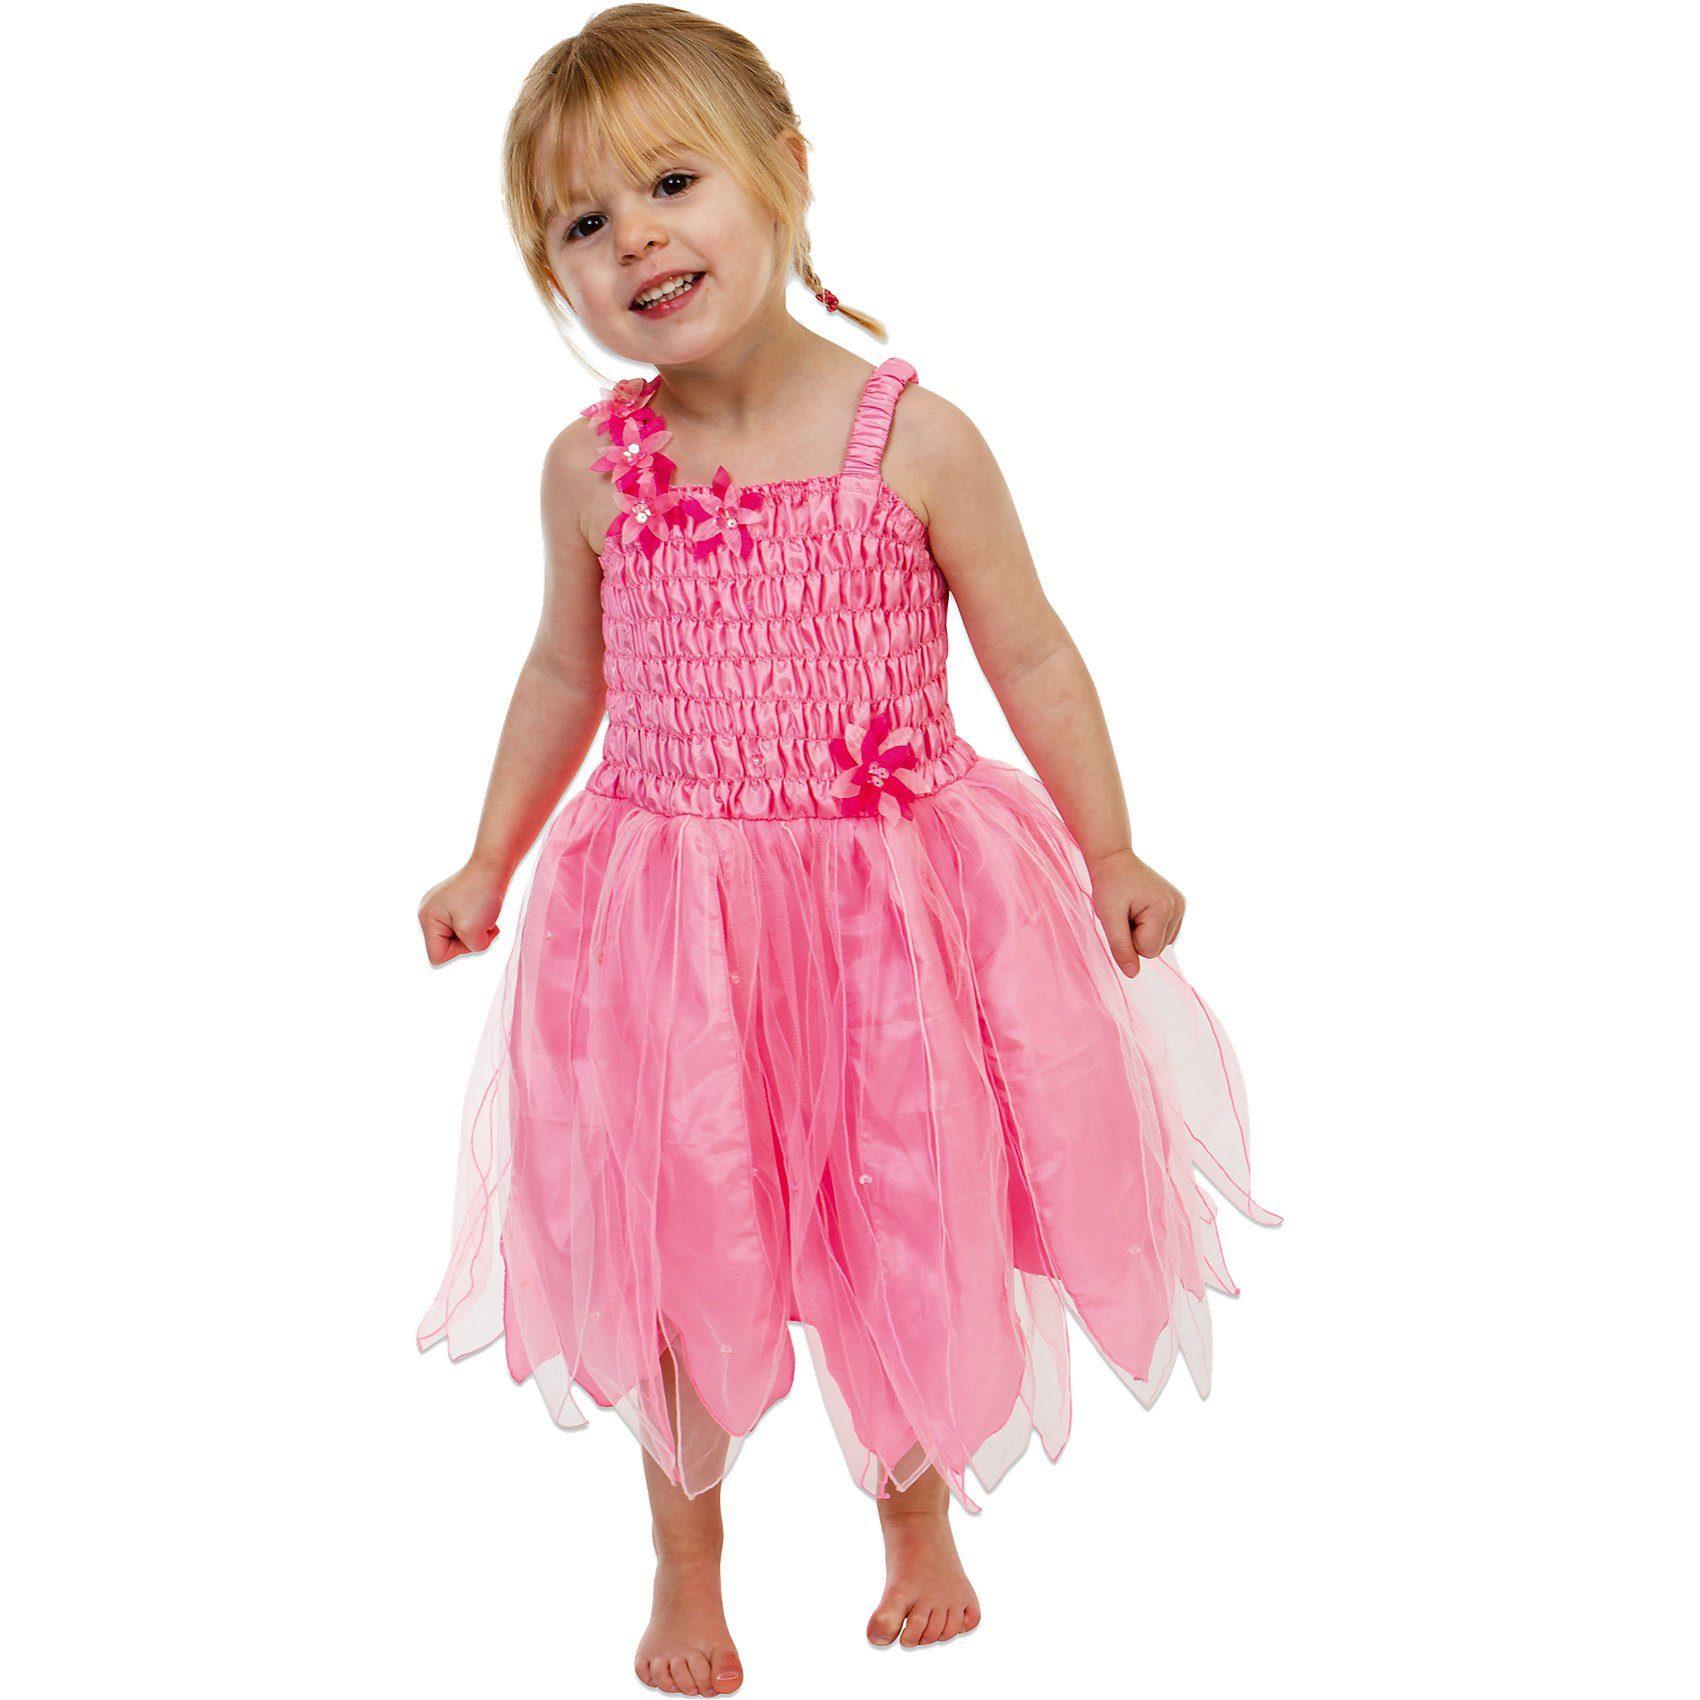 Lucy Locket Kostüm zierliche Blumen-Fee mit Blätterrock pink